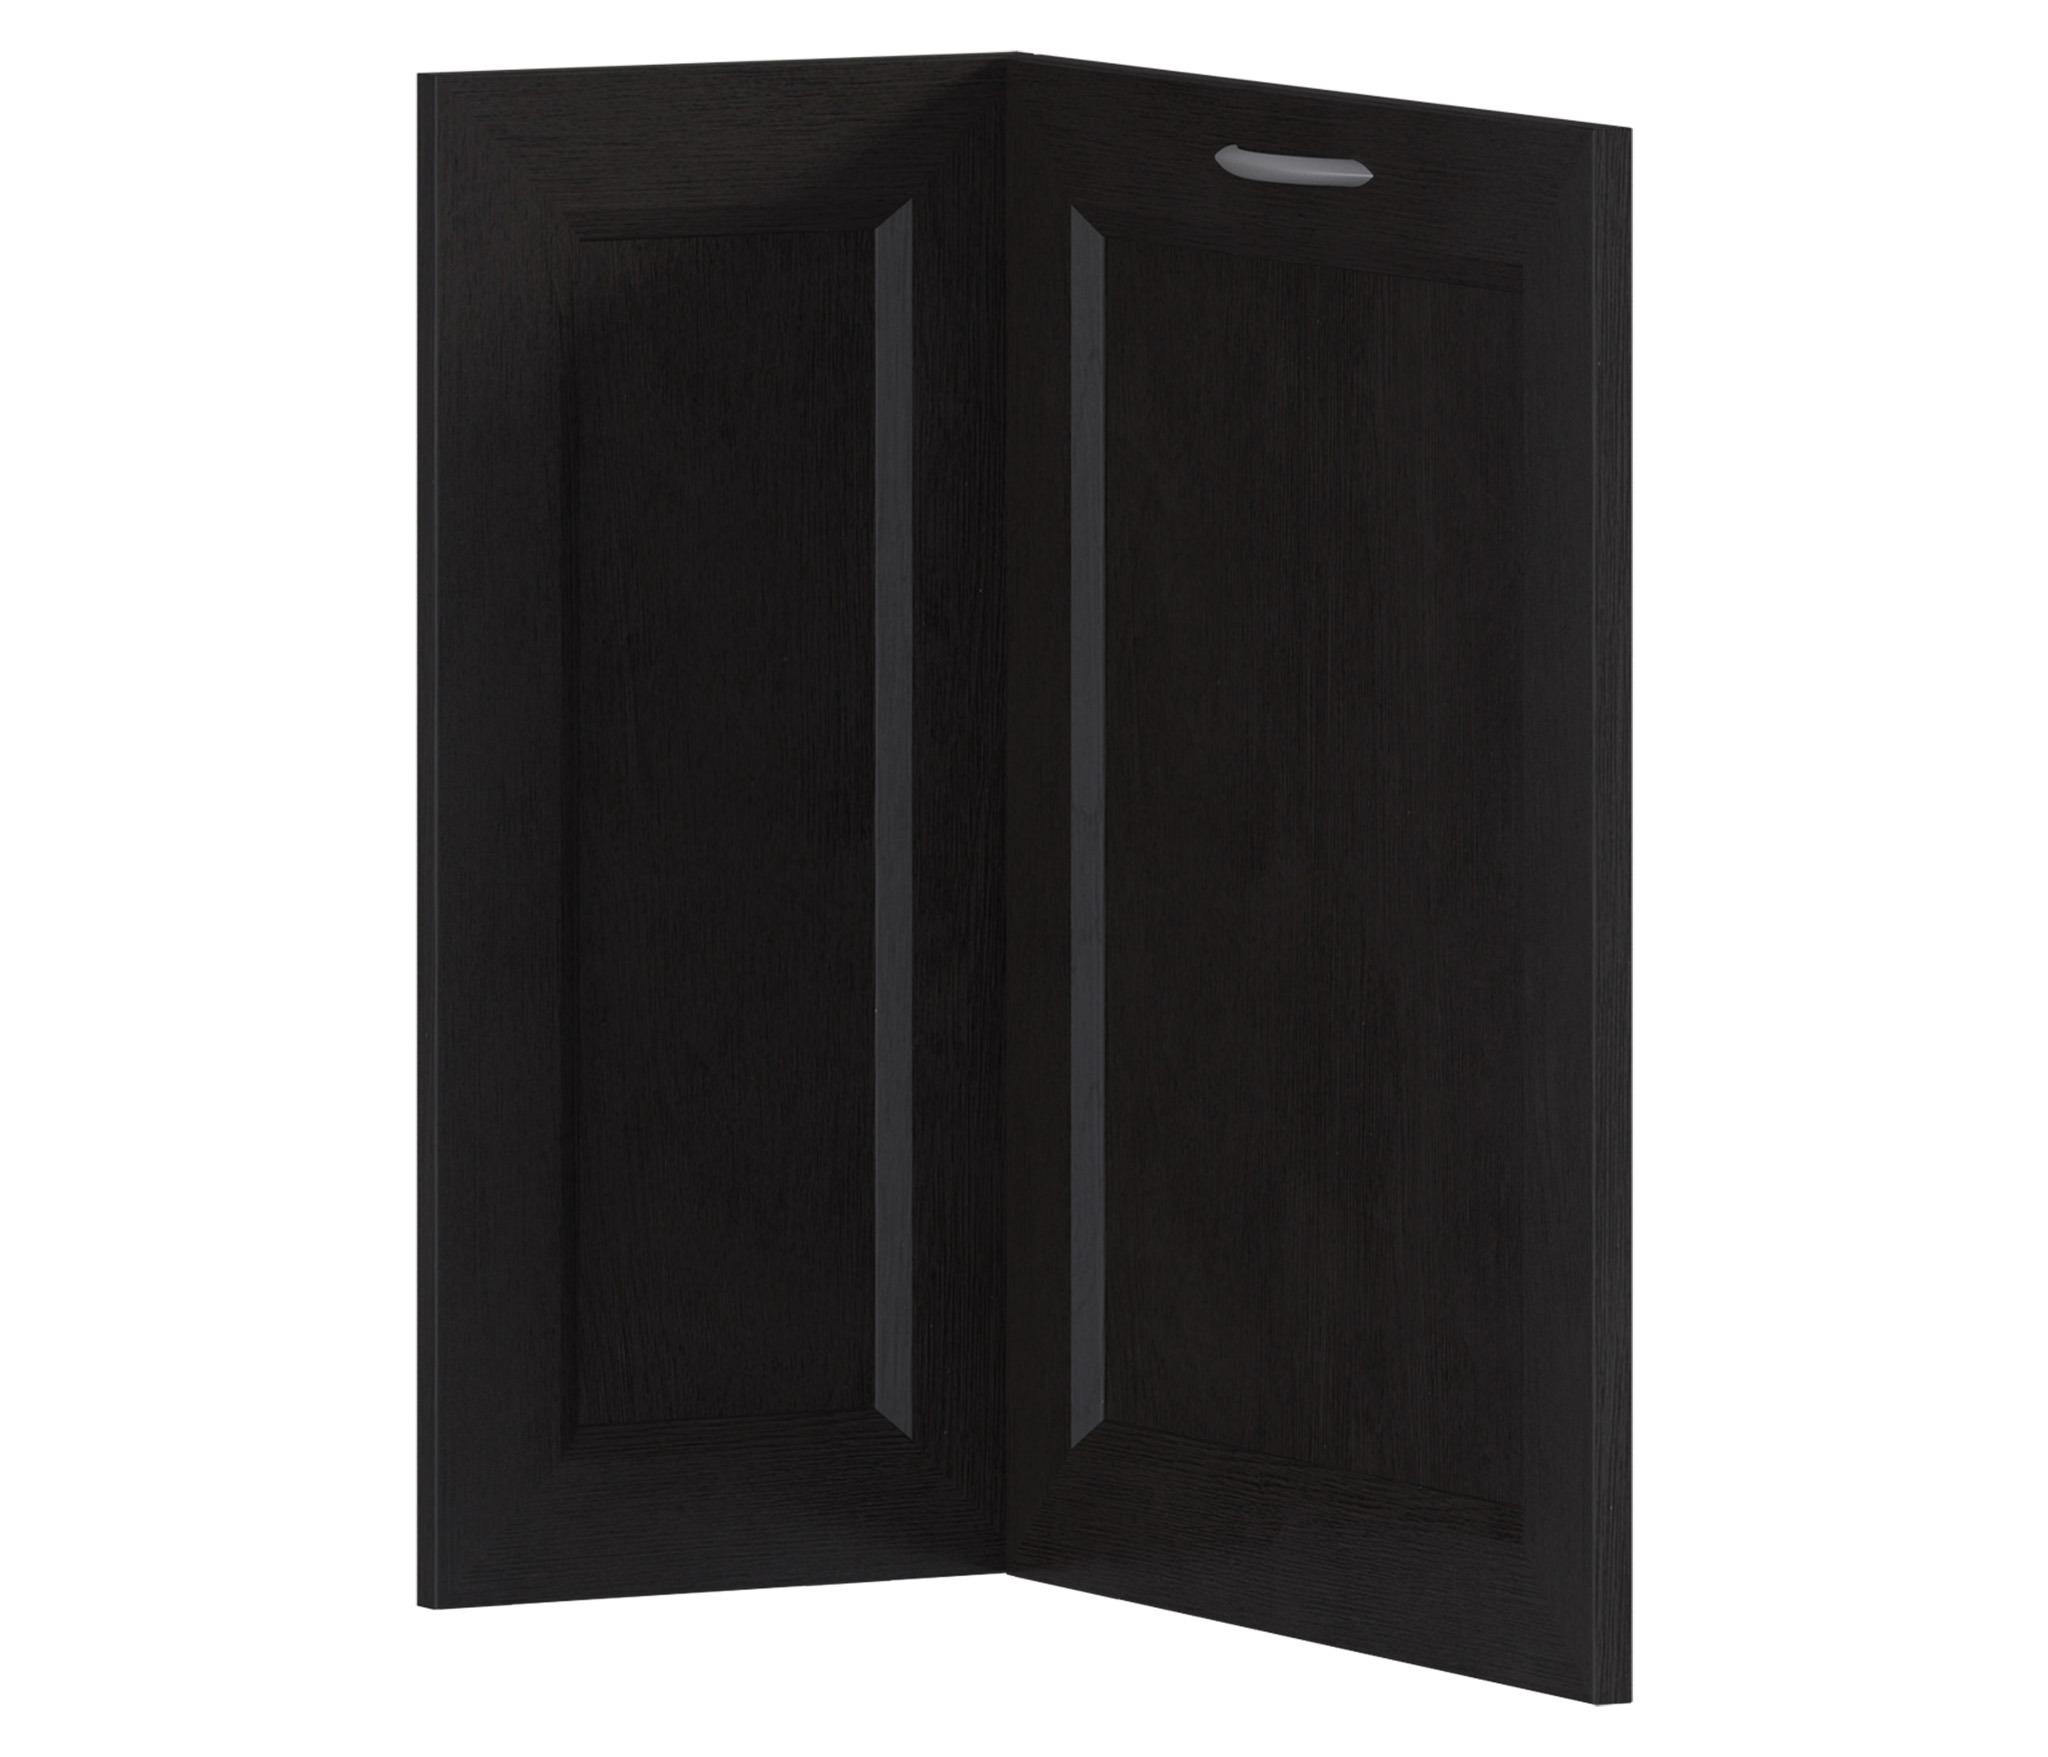 Фасад Регина ФУ-90 к корпусу РСУ-90Мебель для кухни<br>Универсальные фасады к навесным шкафам от кухонной системы  Регина .<br><br>Длина мм: 2000<br>Высота мм: 713<br>Глубина мм: 21